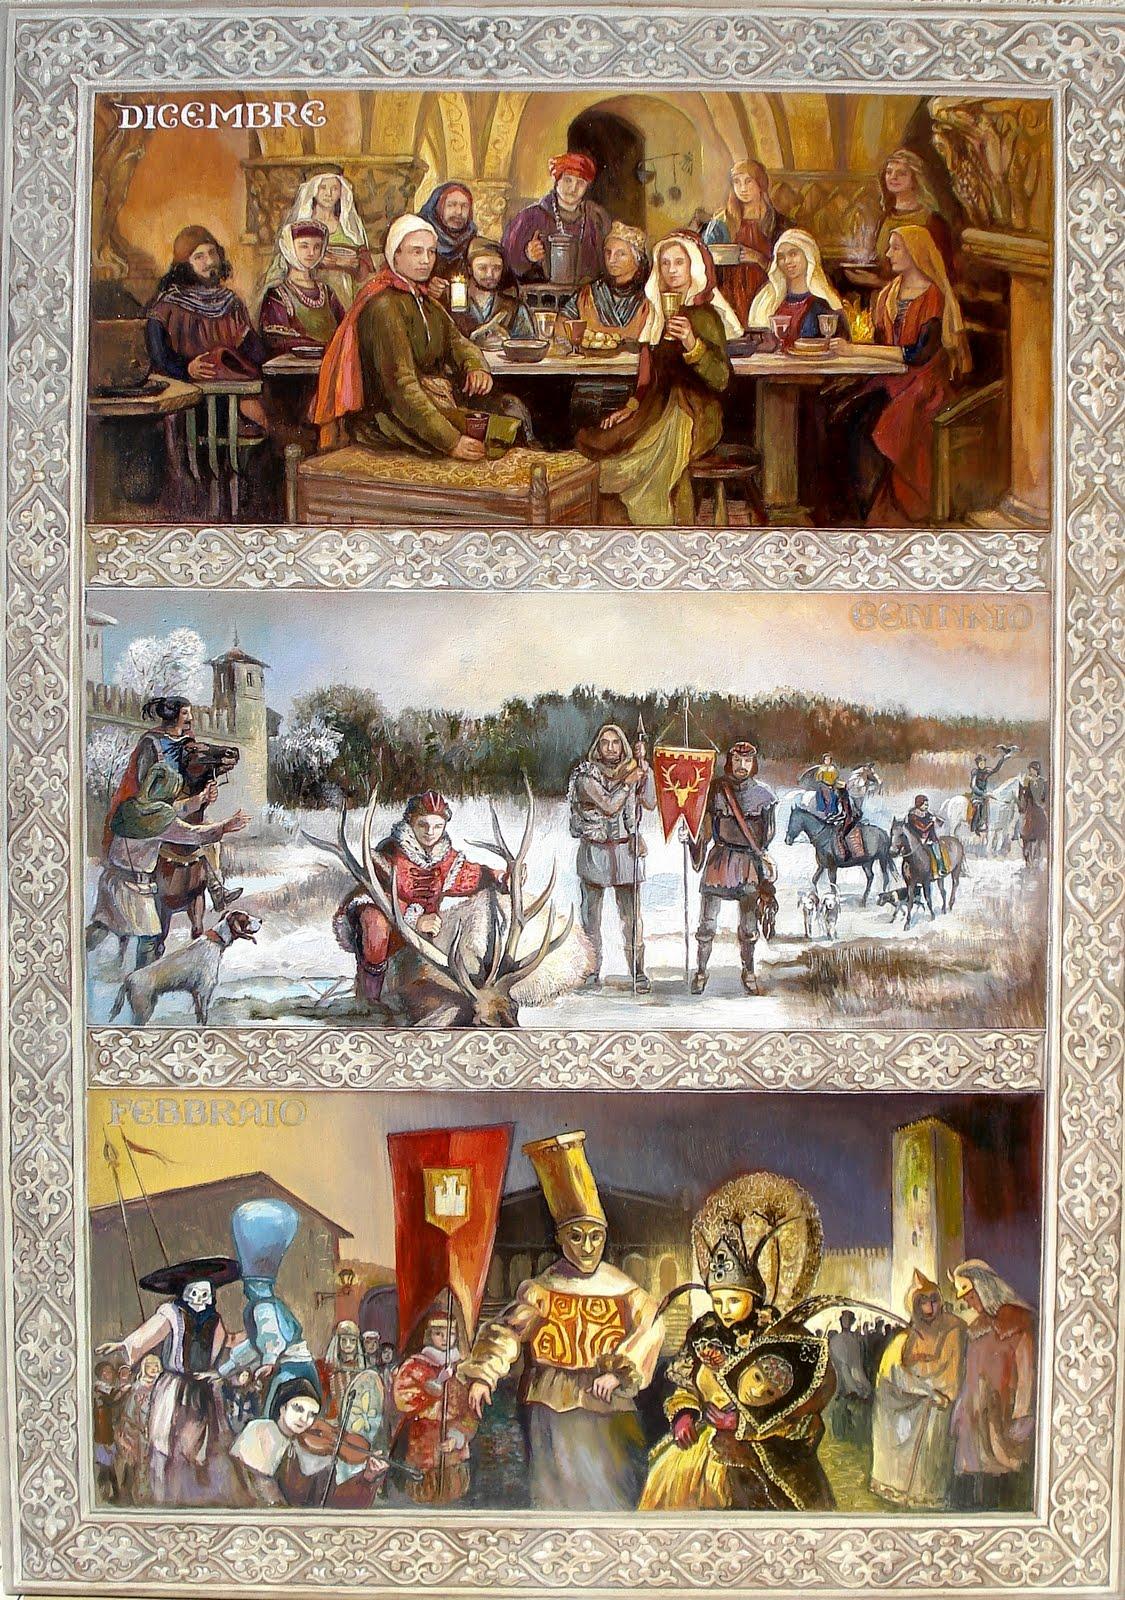 Il Calendario Medievale/L'Inverno